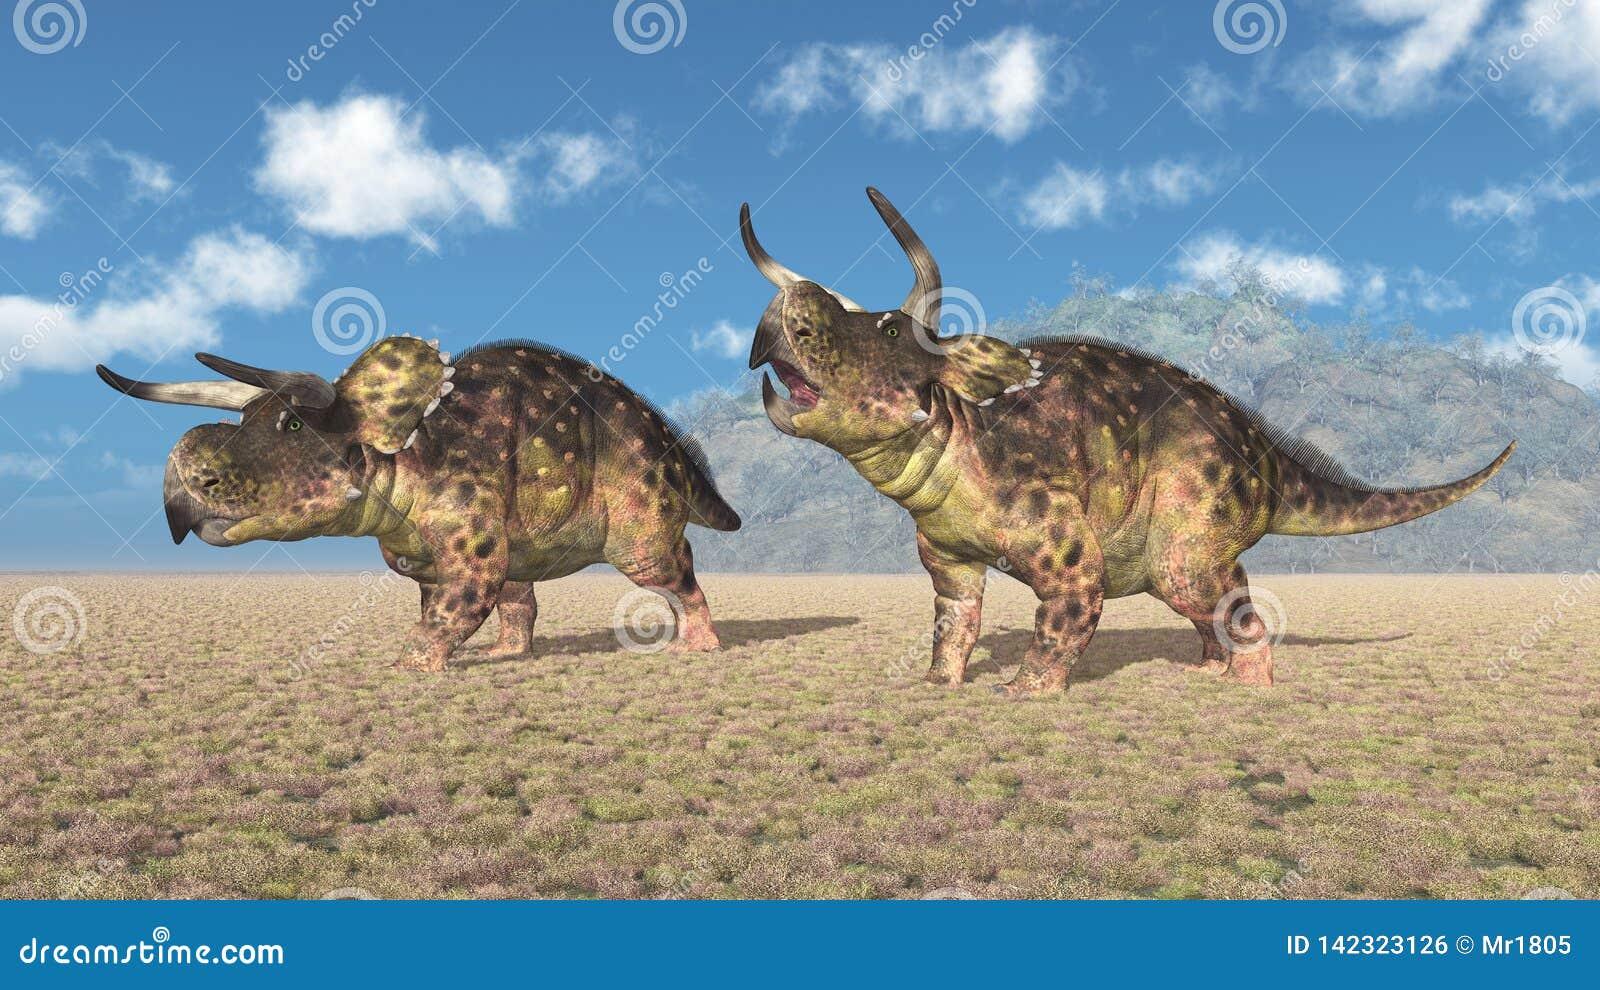 Dinossauro Nasutoceratops em uma paisagem